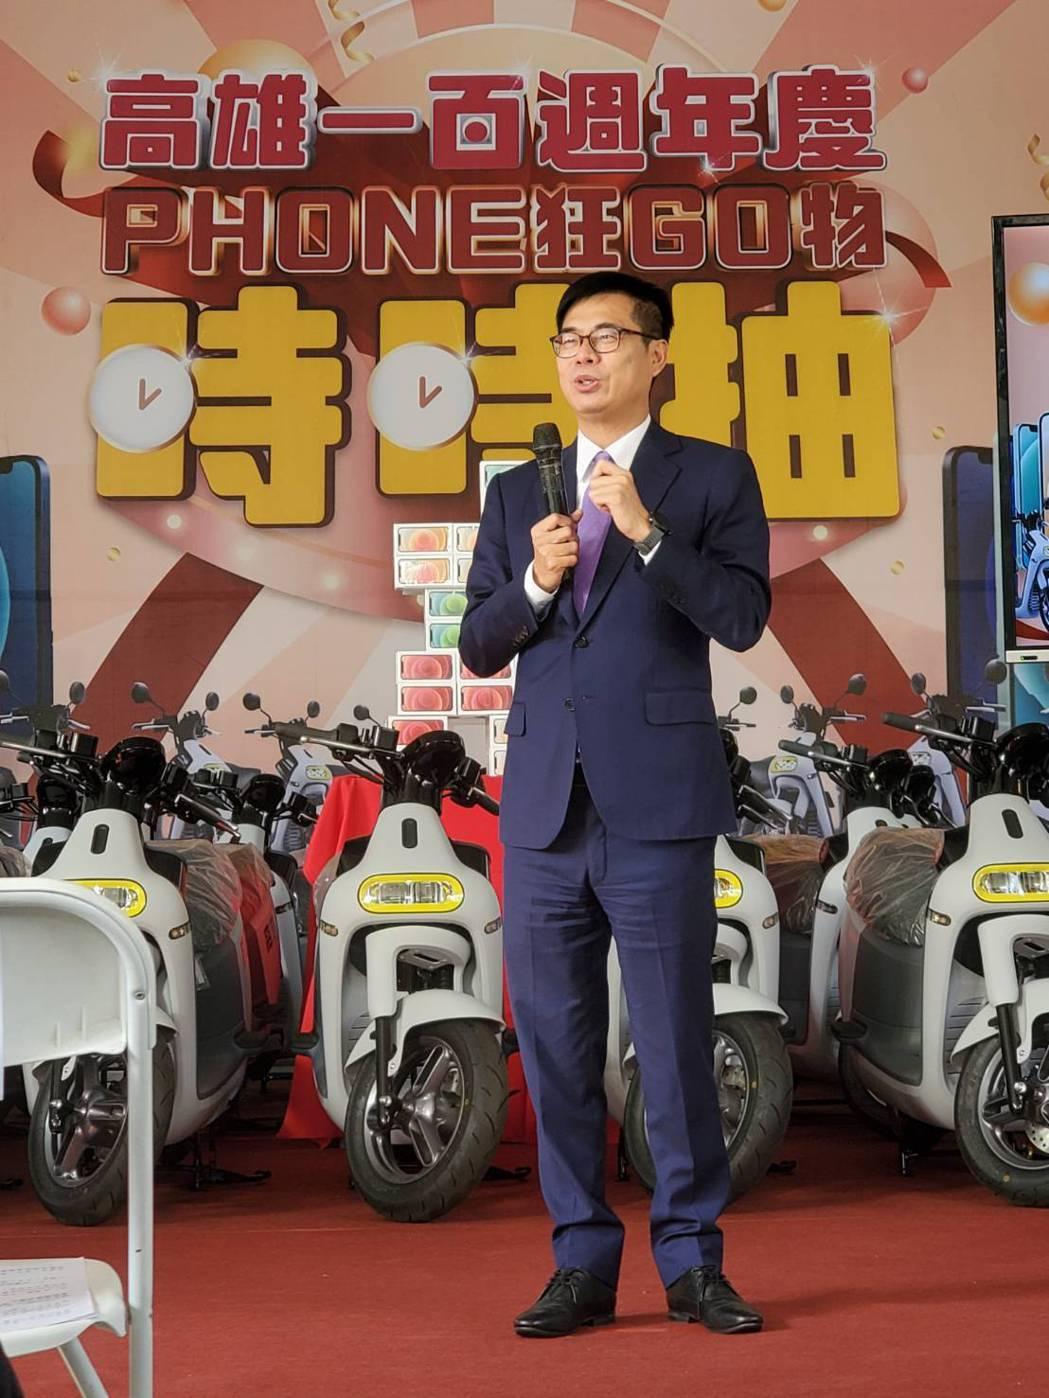 高雄市長陳其邁宣布,每兩小時抽1台iPhone12、每天抽3部Gogoro,就怕...